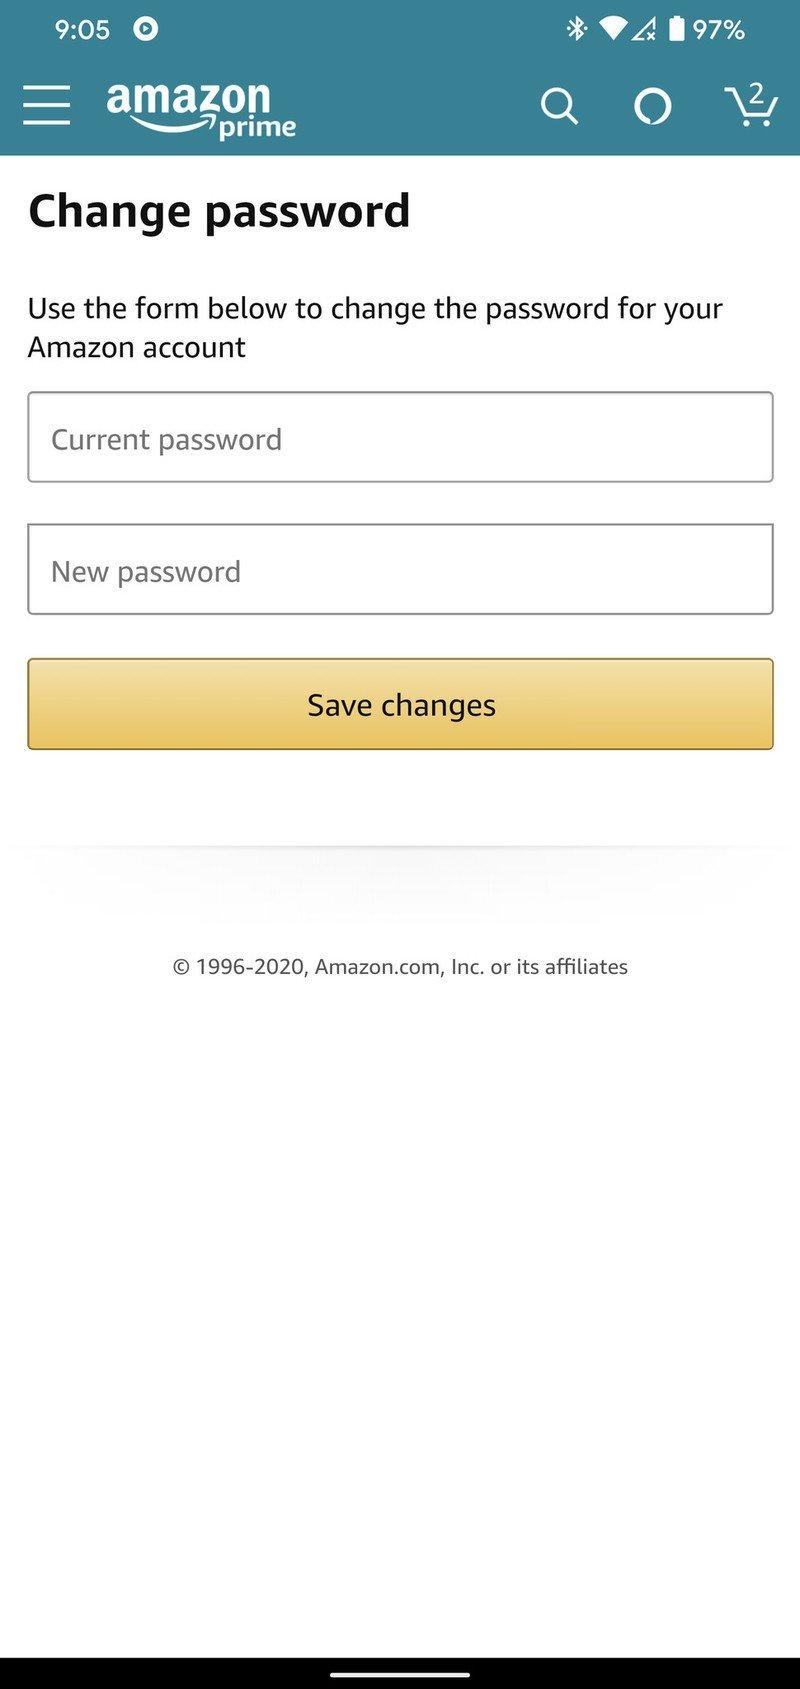 amazon-change-password-how-to-5.jpg?itok